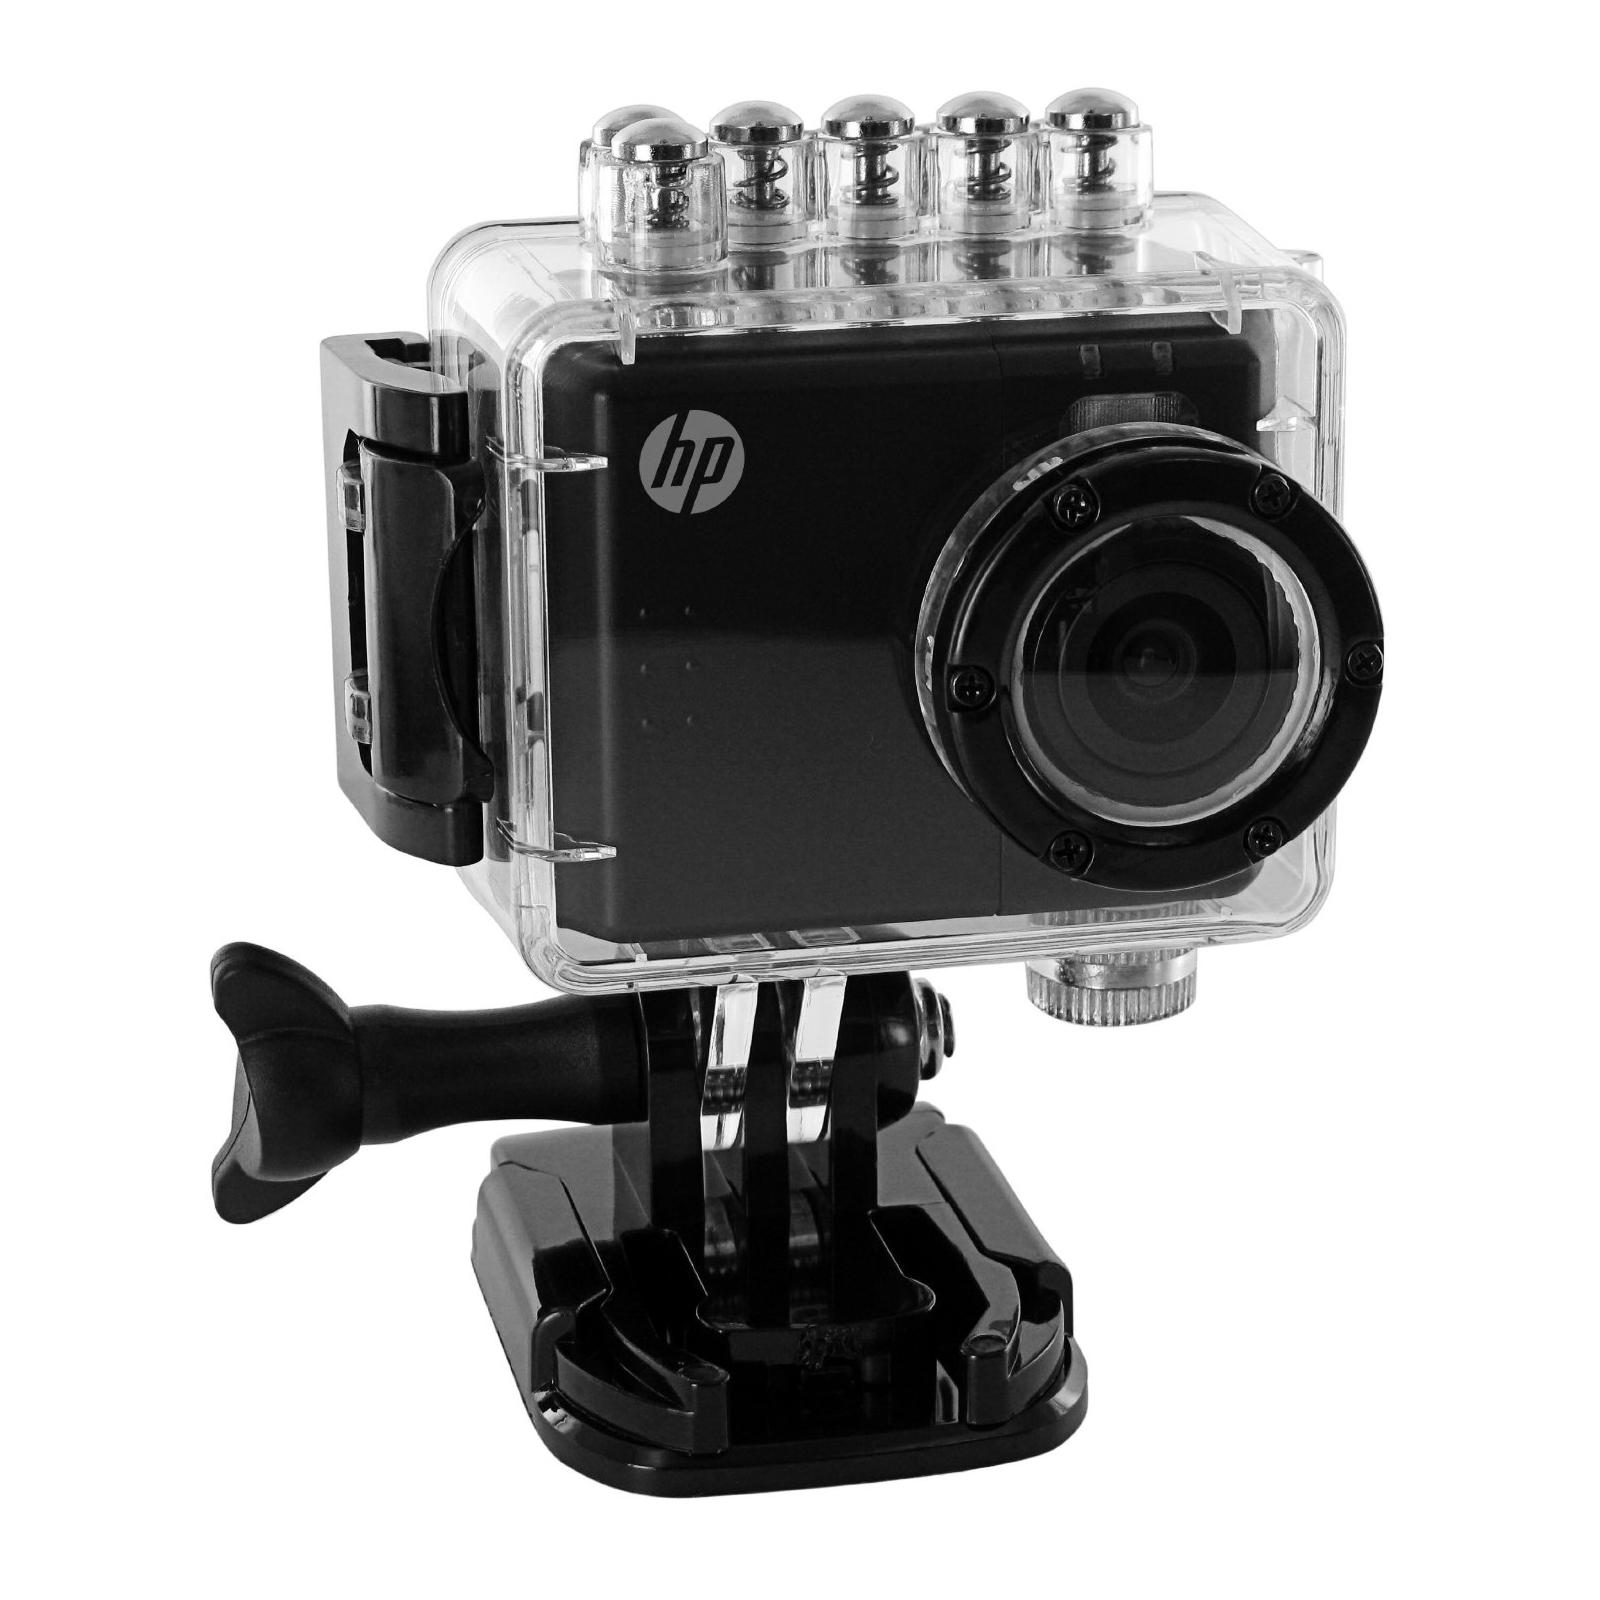 Экшн-камера HP ac150 изображение 3